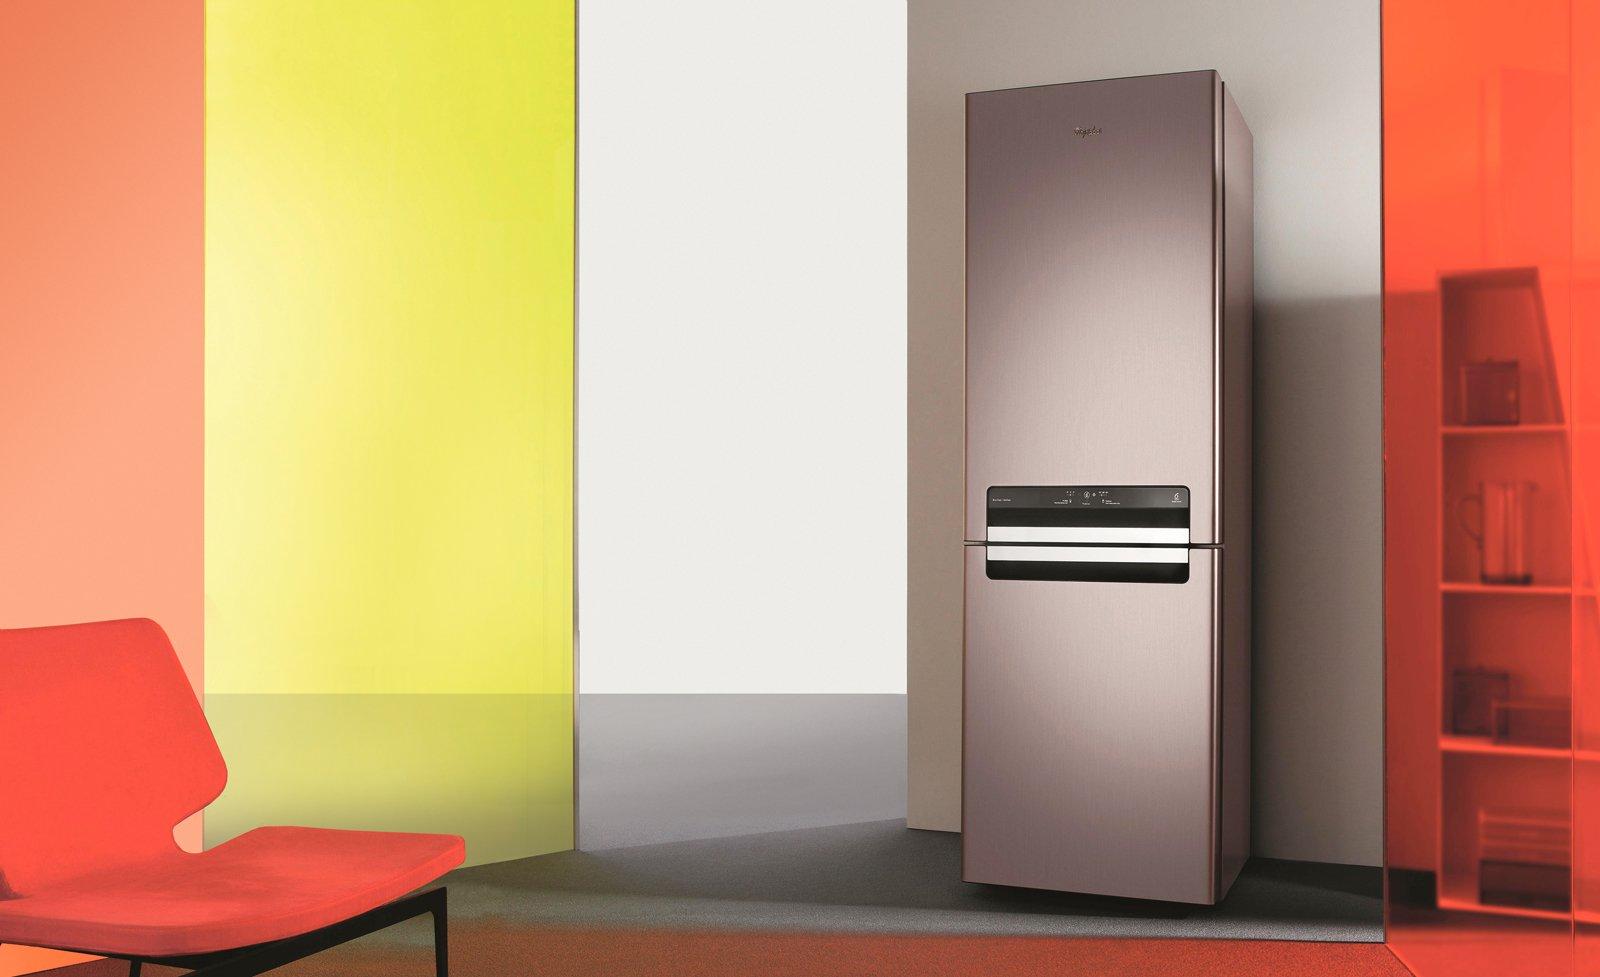 Frigoriferi, nuove qualità per il freddo - Cose di Casa